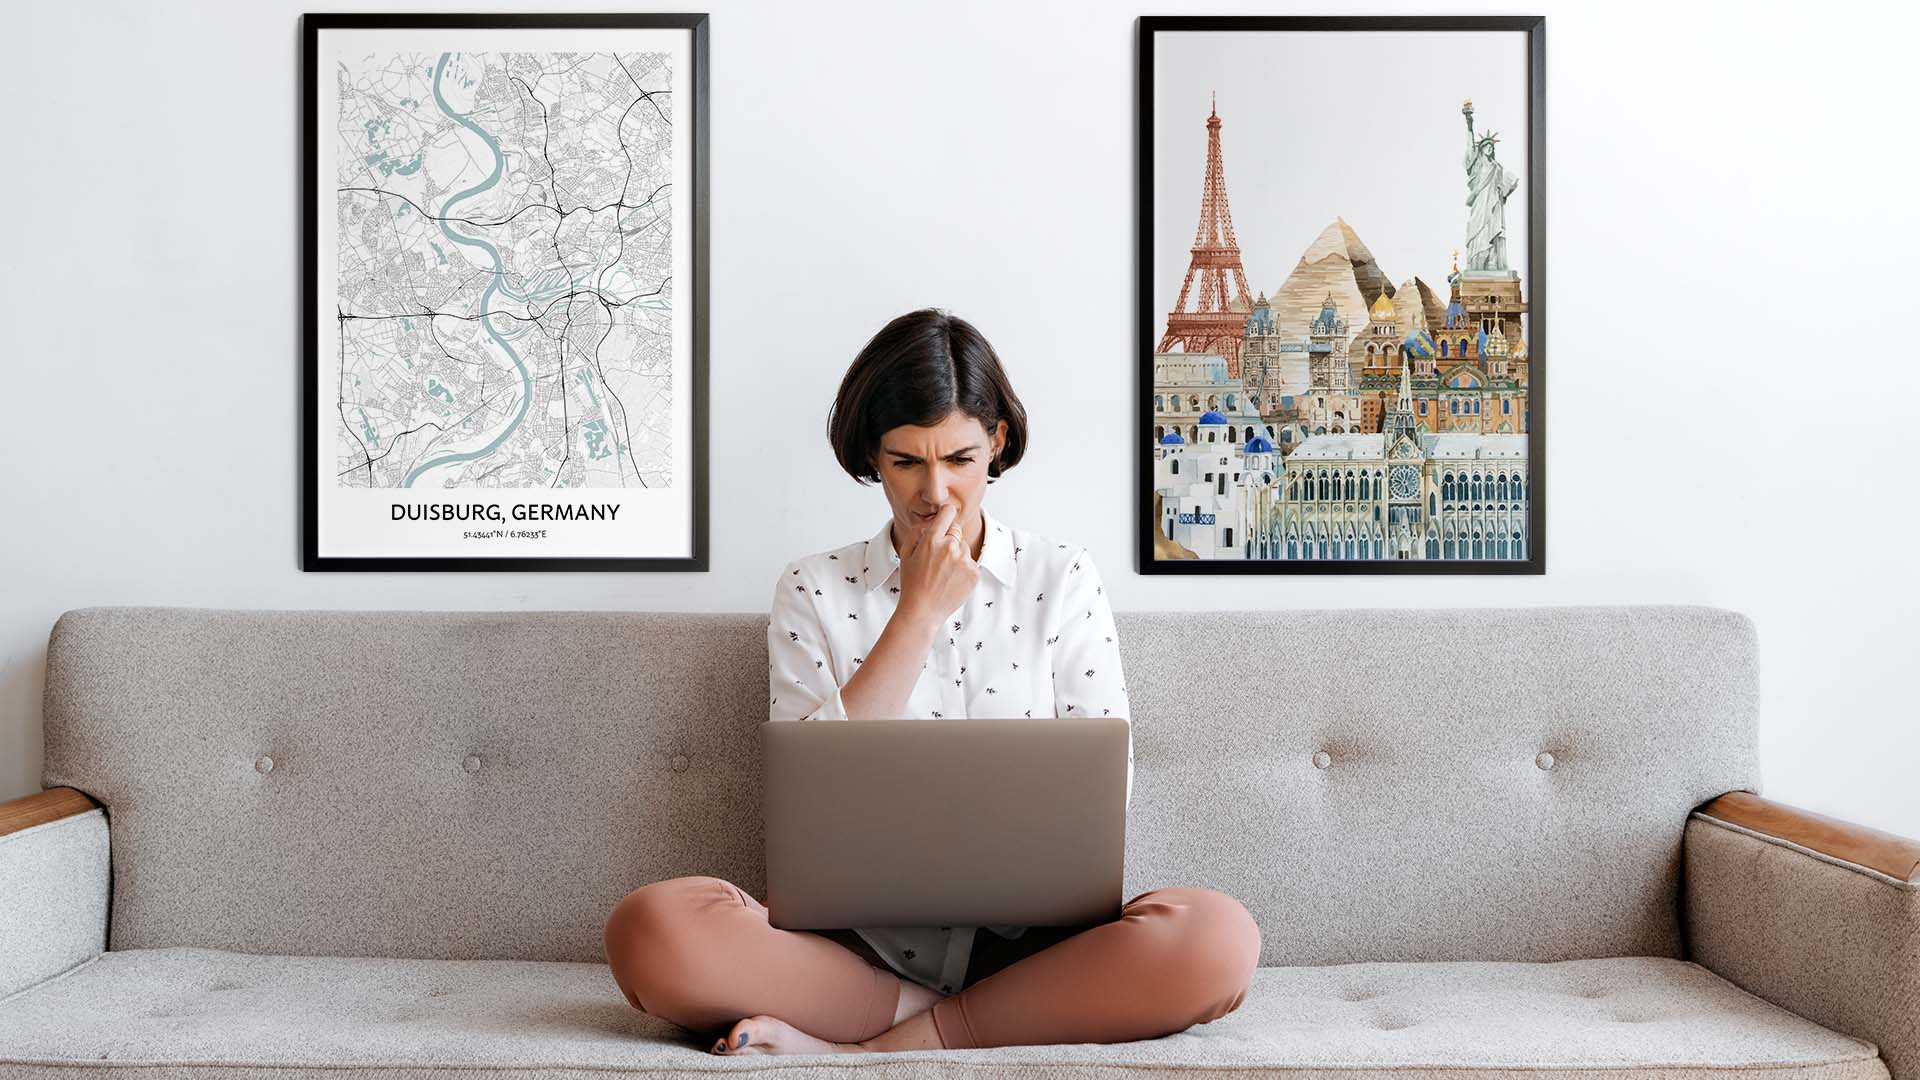 Duisburg city map art